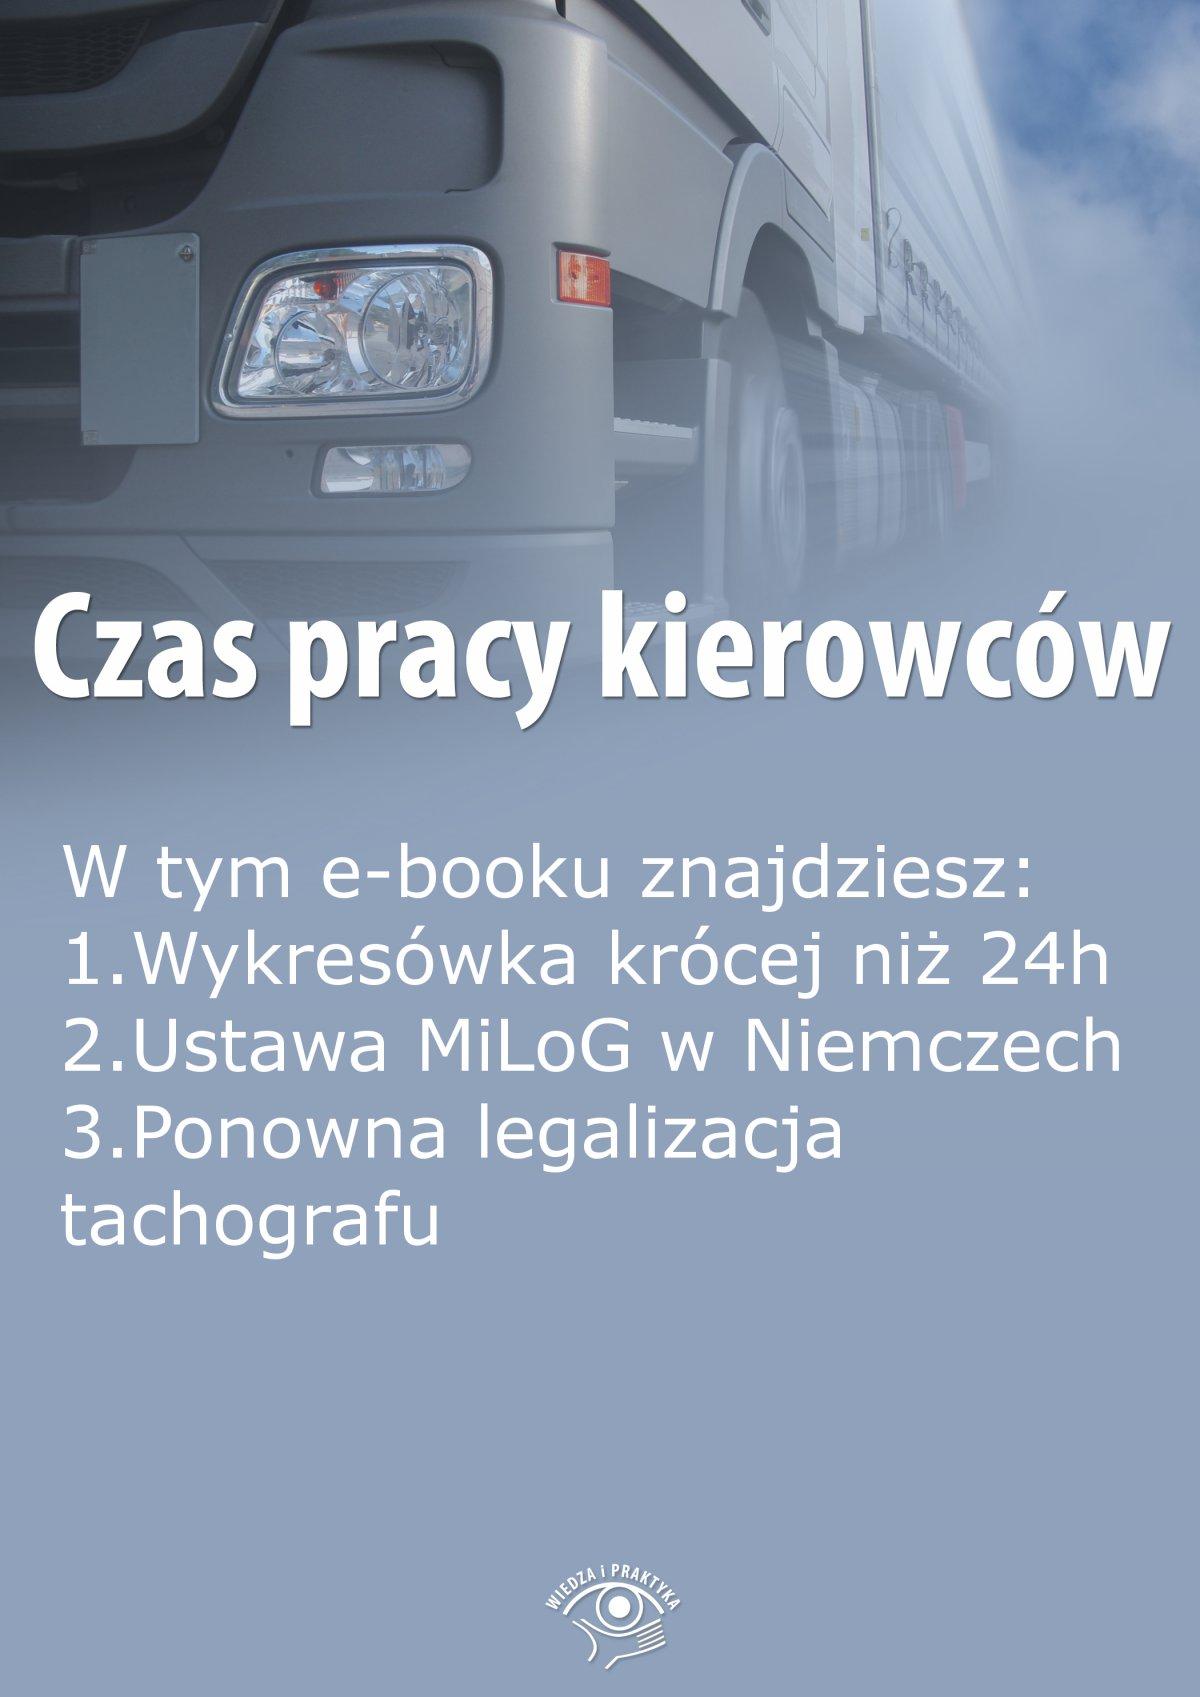 Czas pracy kierowców, wydanie sierpień 2015 r. - Ebook (Książka EPUB) do pobrania w formacie EPUB